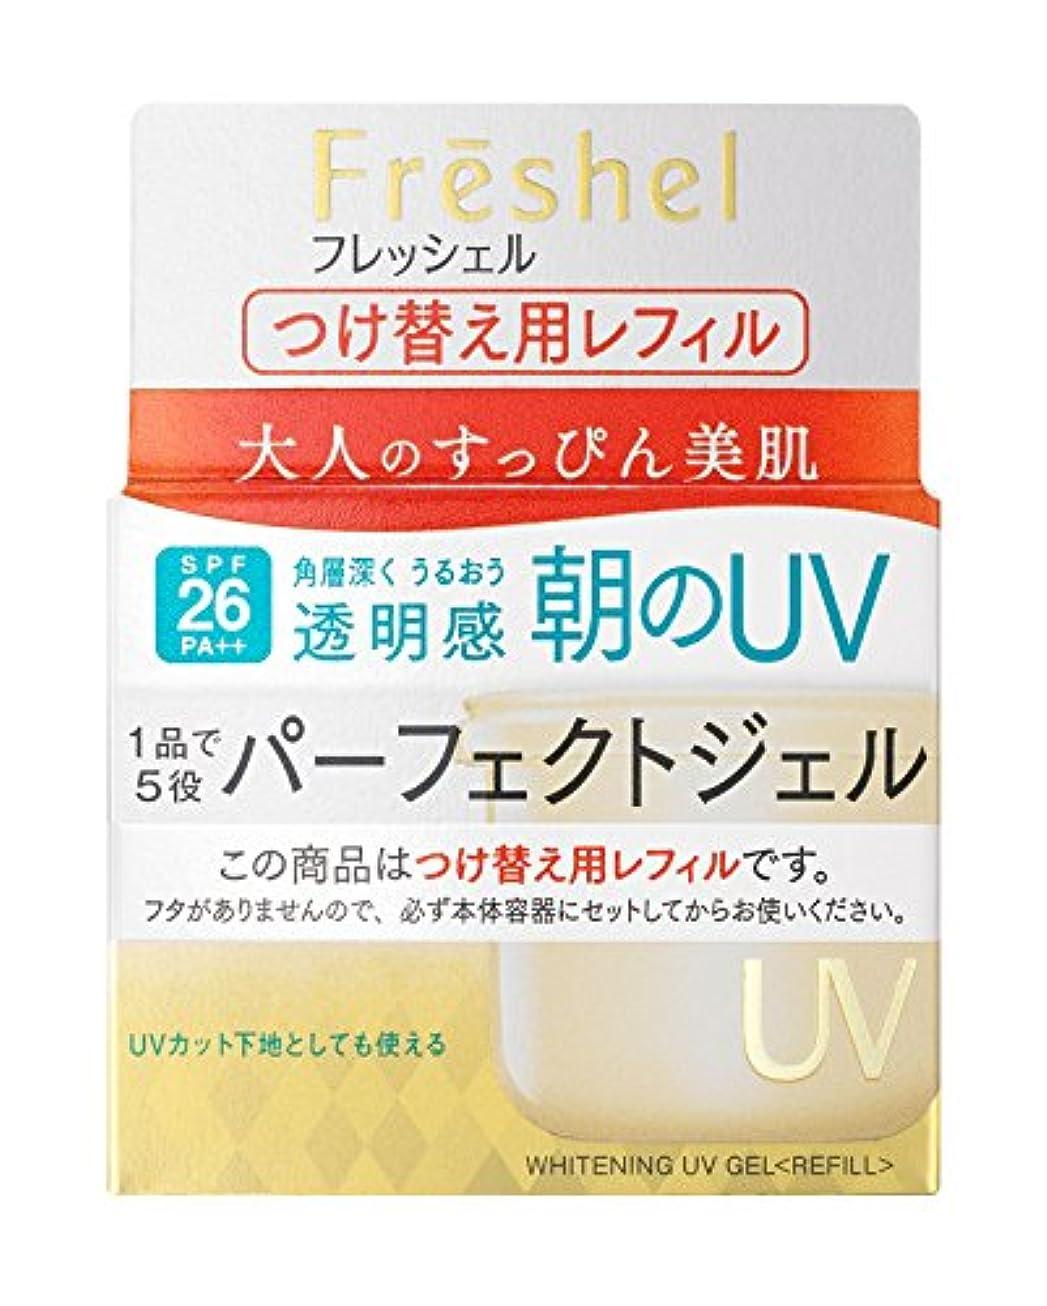 傷つきやすいガイドコロニーフレッシェル クリーム アクアモイスチャージェル UV <R> 80g [医薬部外品]